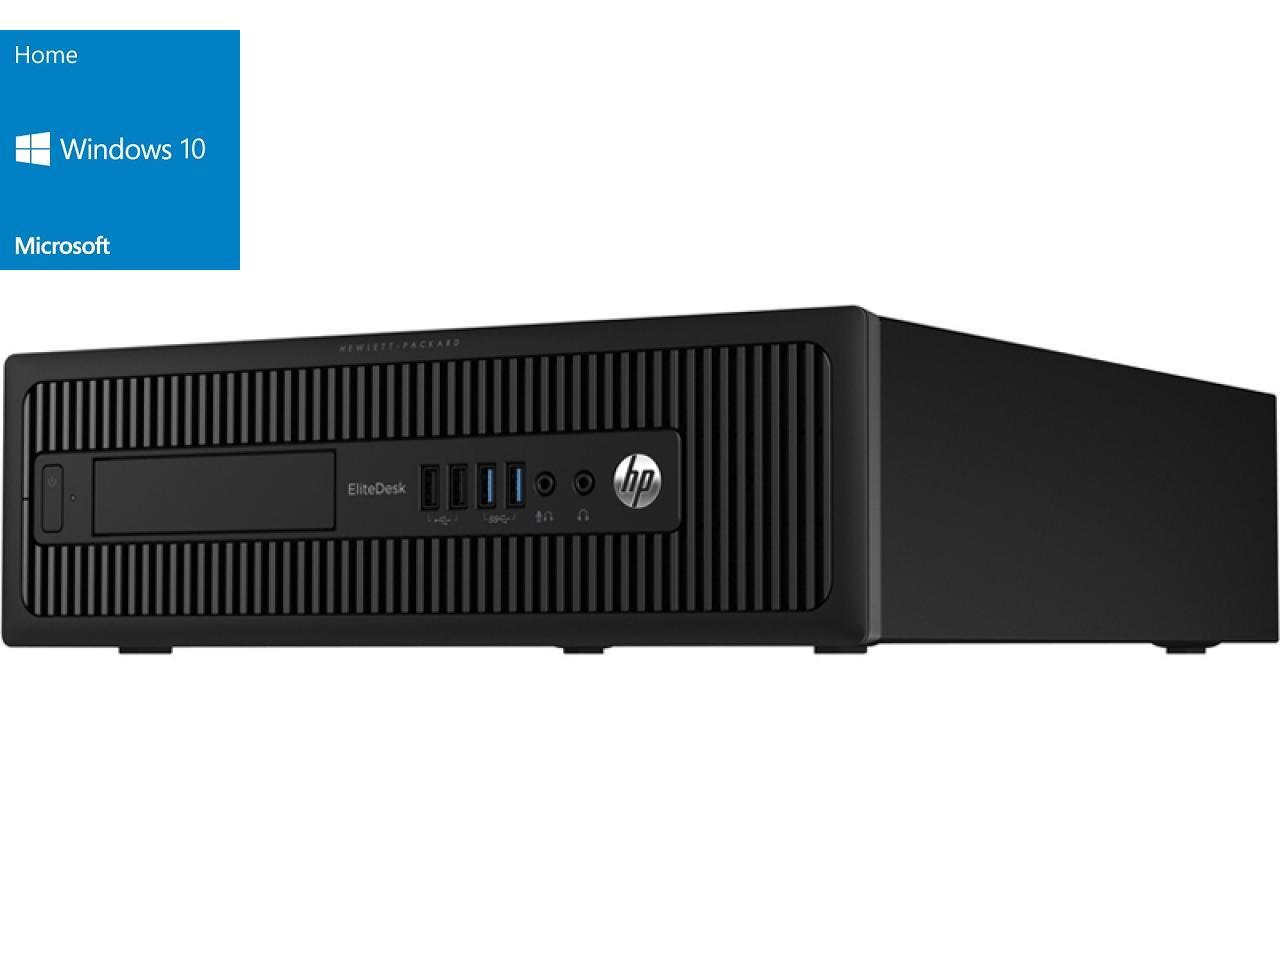 Hewlett Packard ProDesk 600 G1 SFF